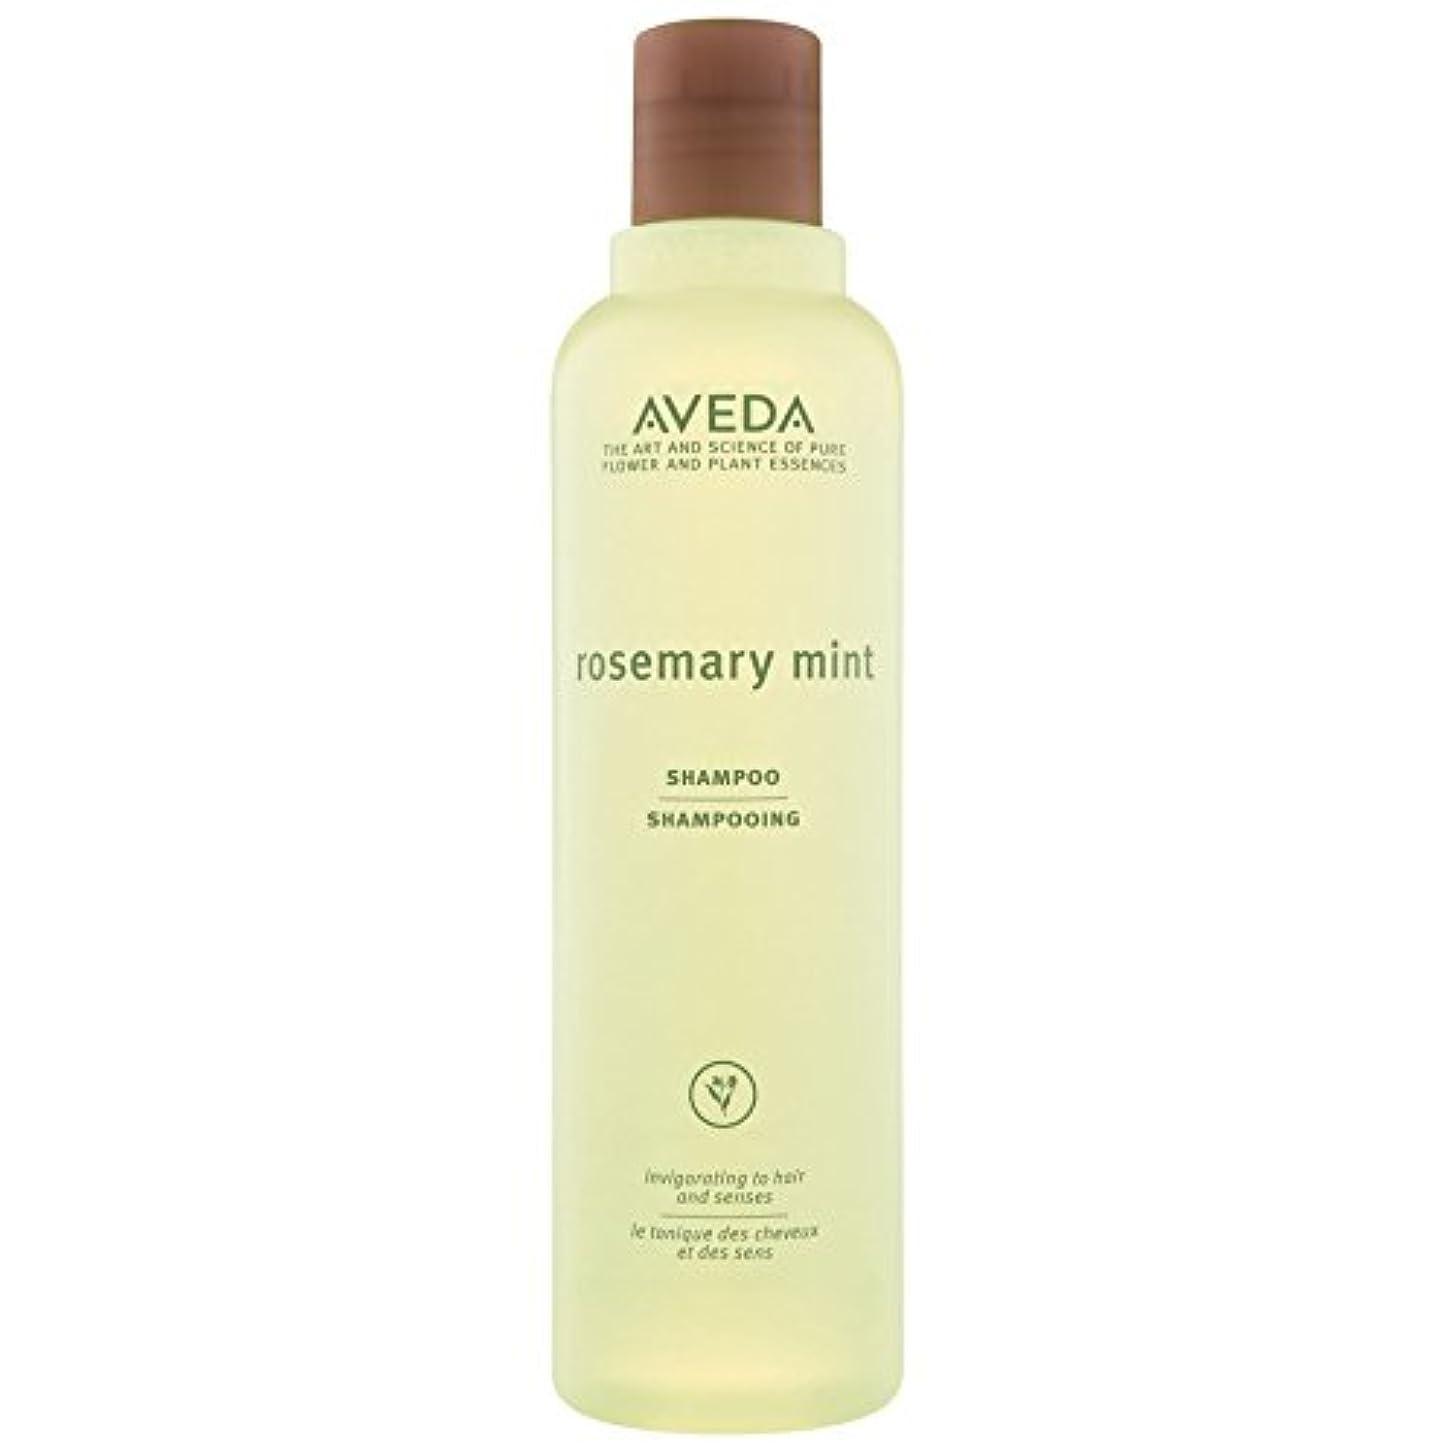 ネット期限注目すべき[AVEDA] アヴェダローズマリーミントシャンプー250Ml - Aveda Rosemary Mint Shampoo 250ml [並行輸入品]